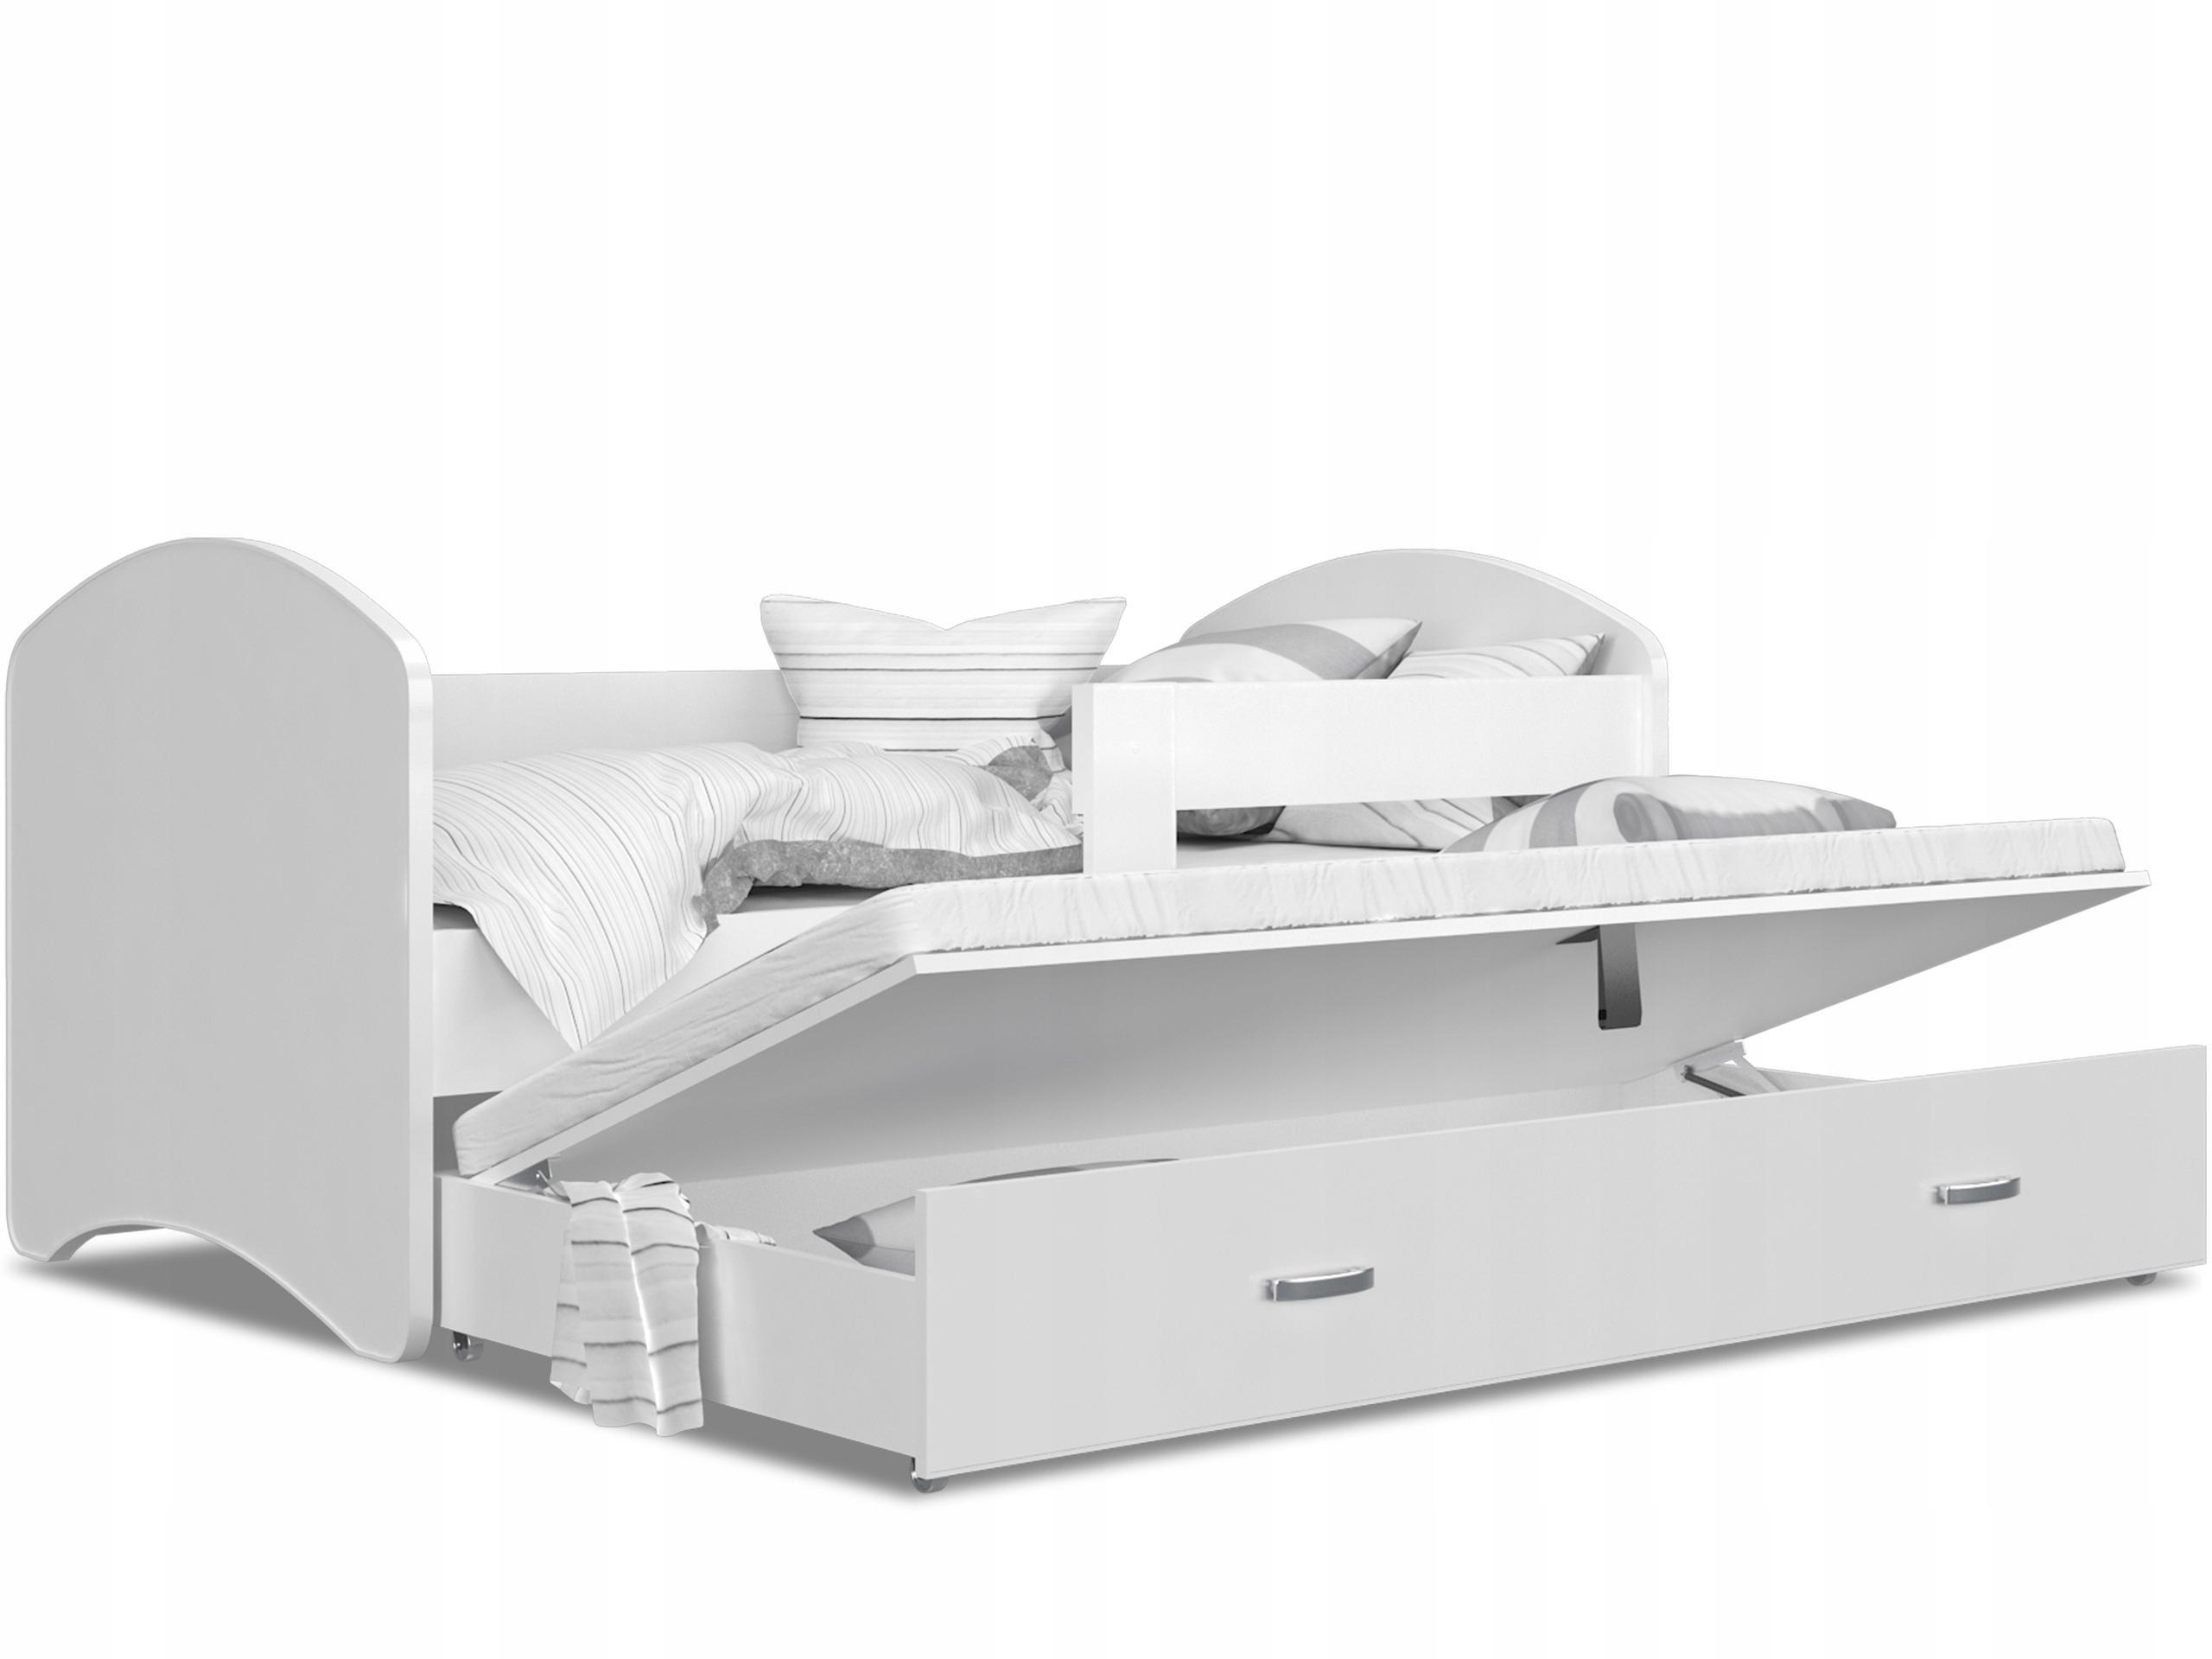 Выдвижная кровать LUCKY P2 200x90 ЯЩИК + МАТРАС